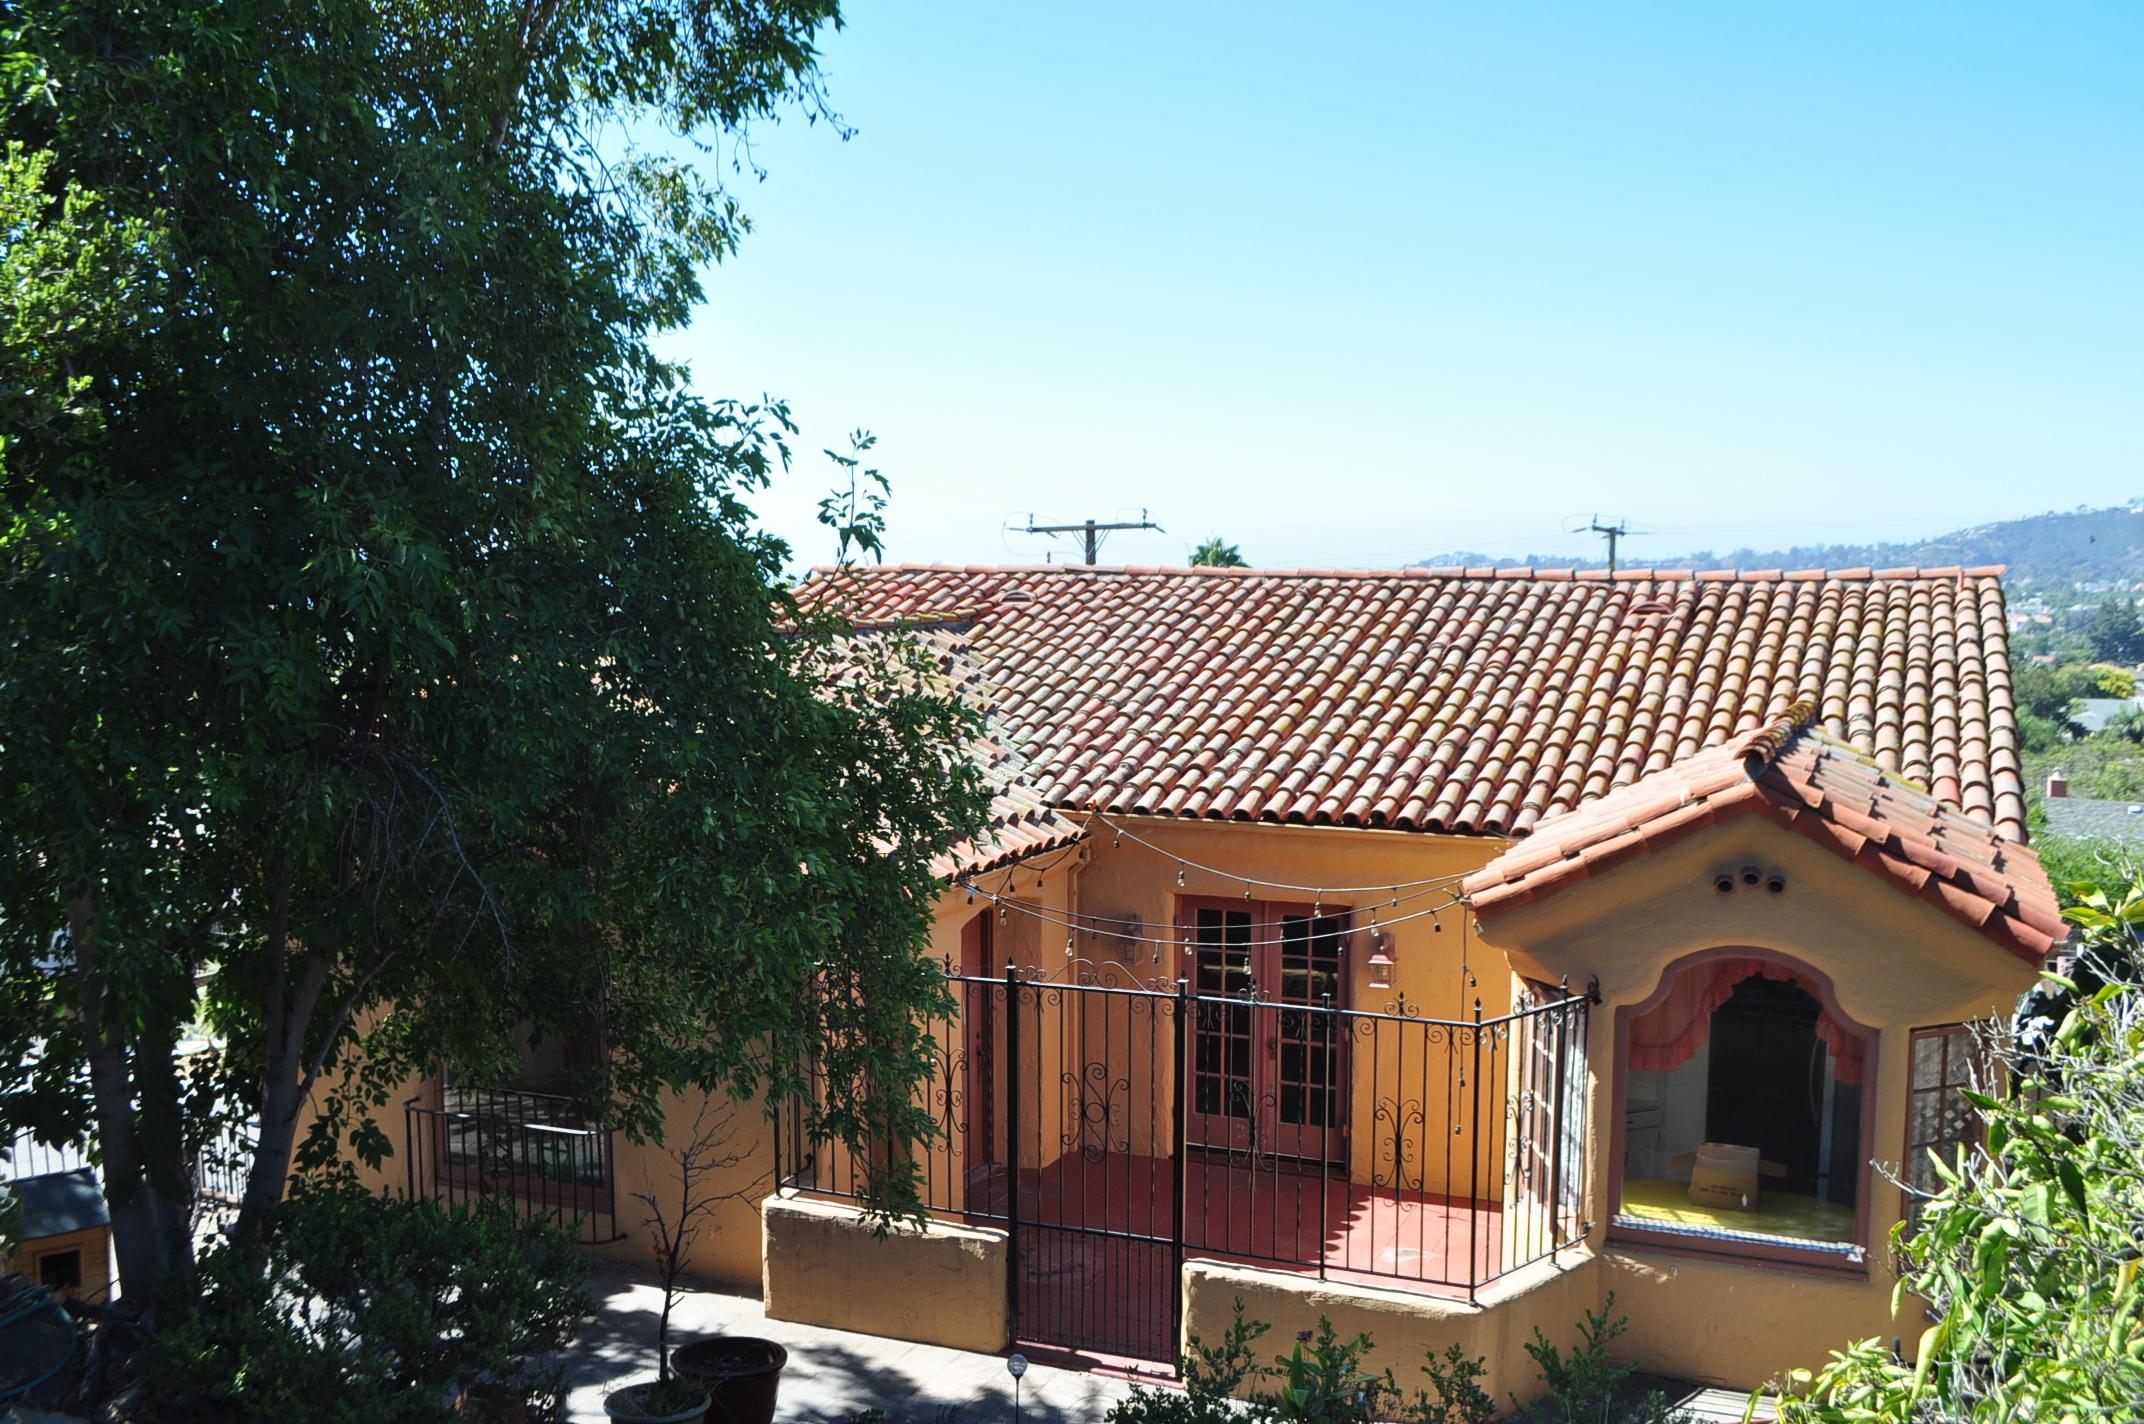 Property photo for 501 Alameda Padre Serra Santa Barbara, California 93103 - 18-3416